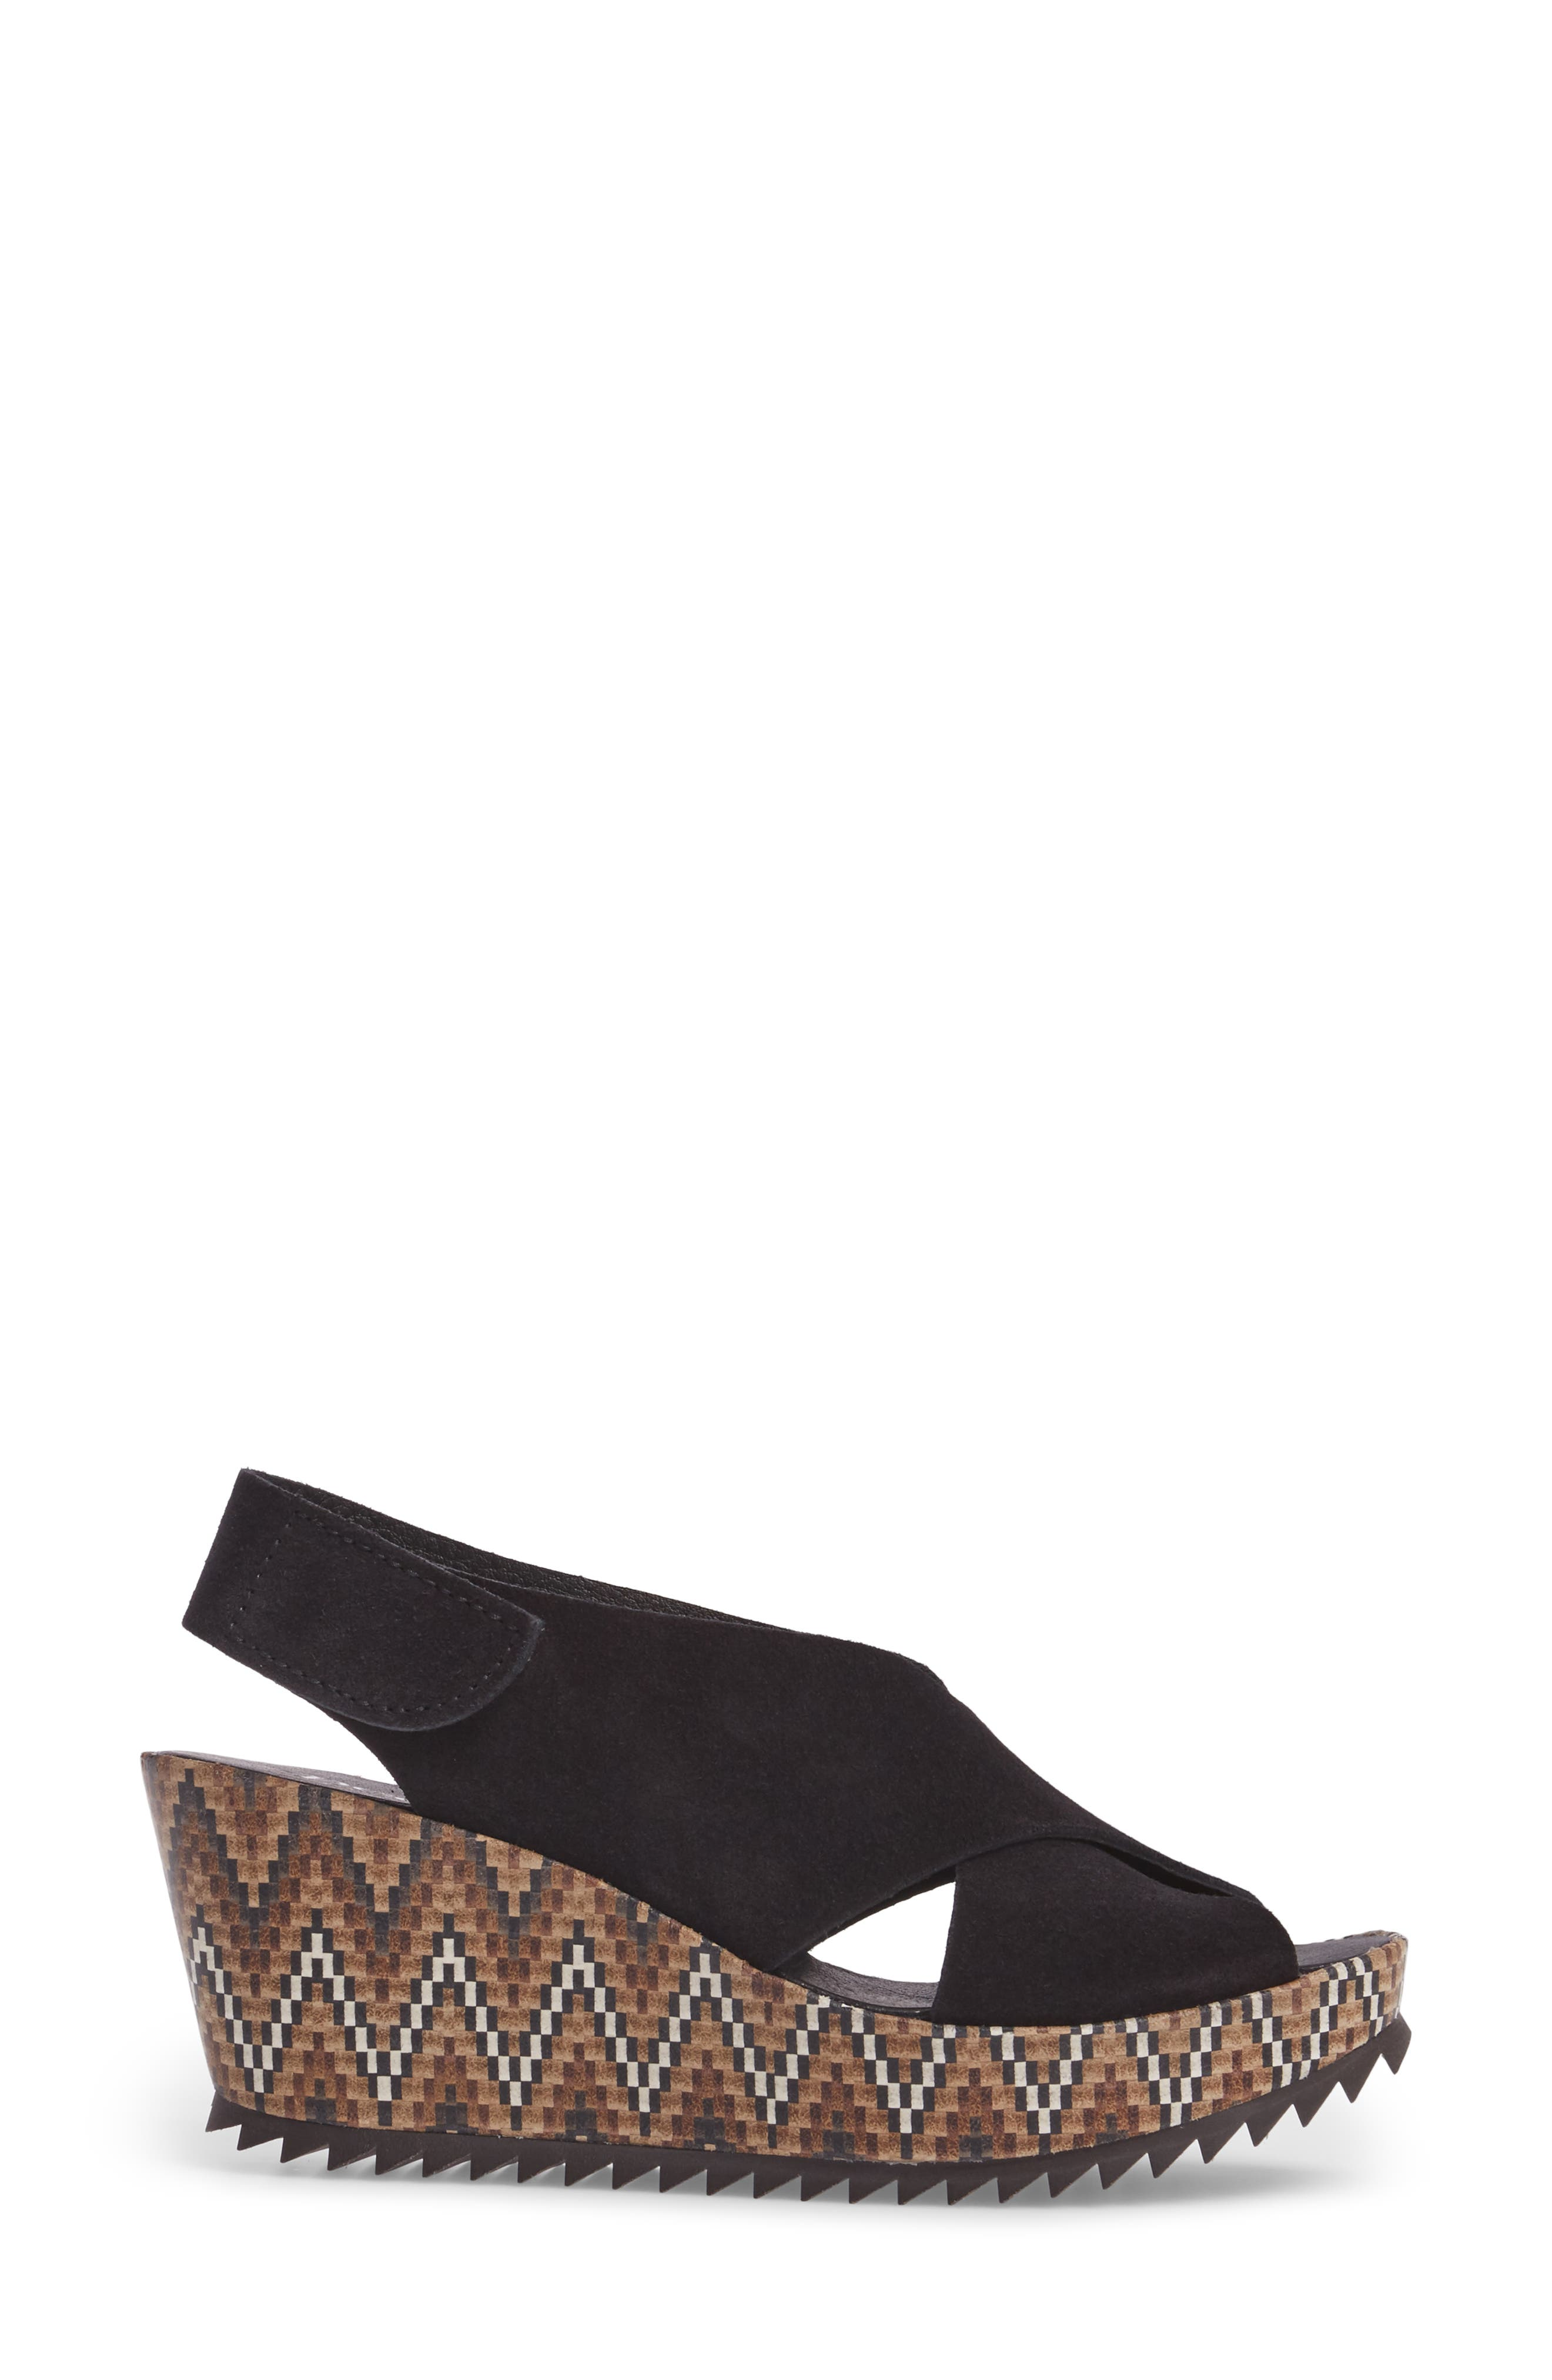 'Federica' Wedge Sandal,                             Alternate thumbnail 9, color,